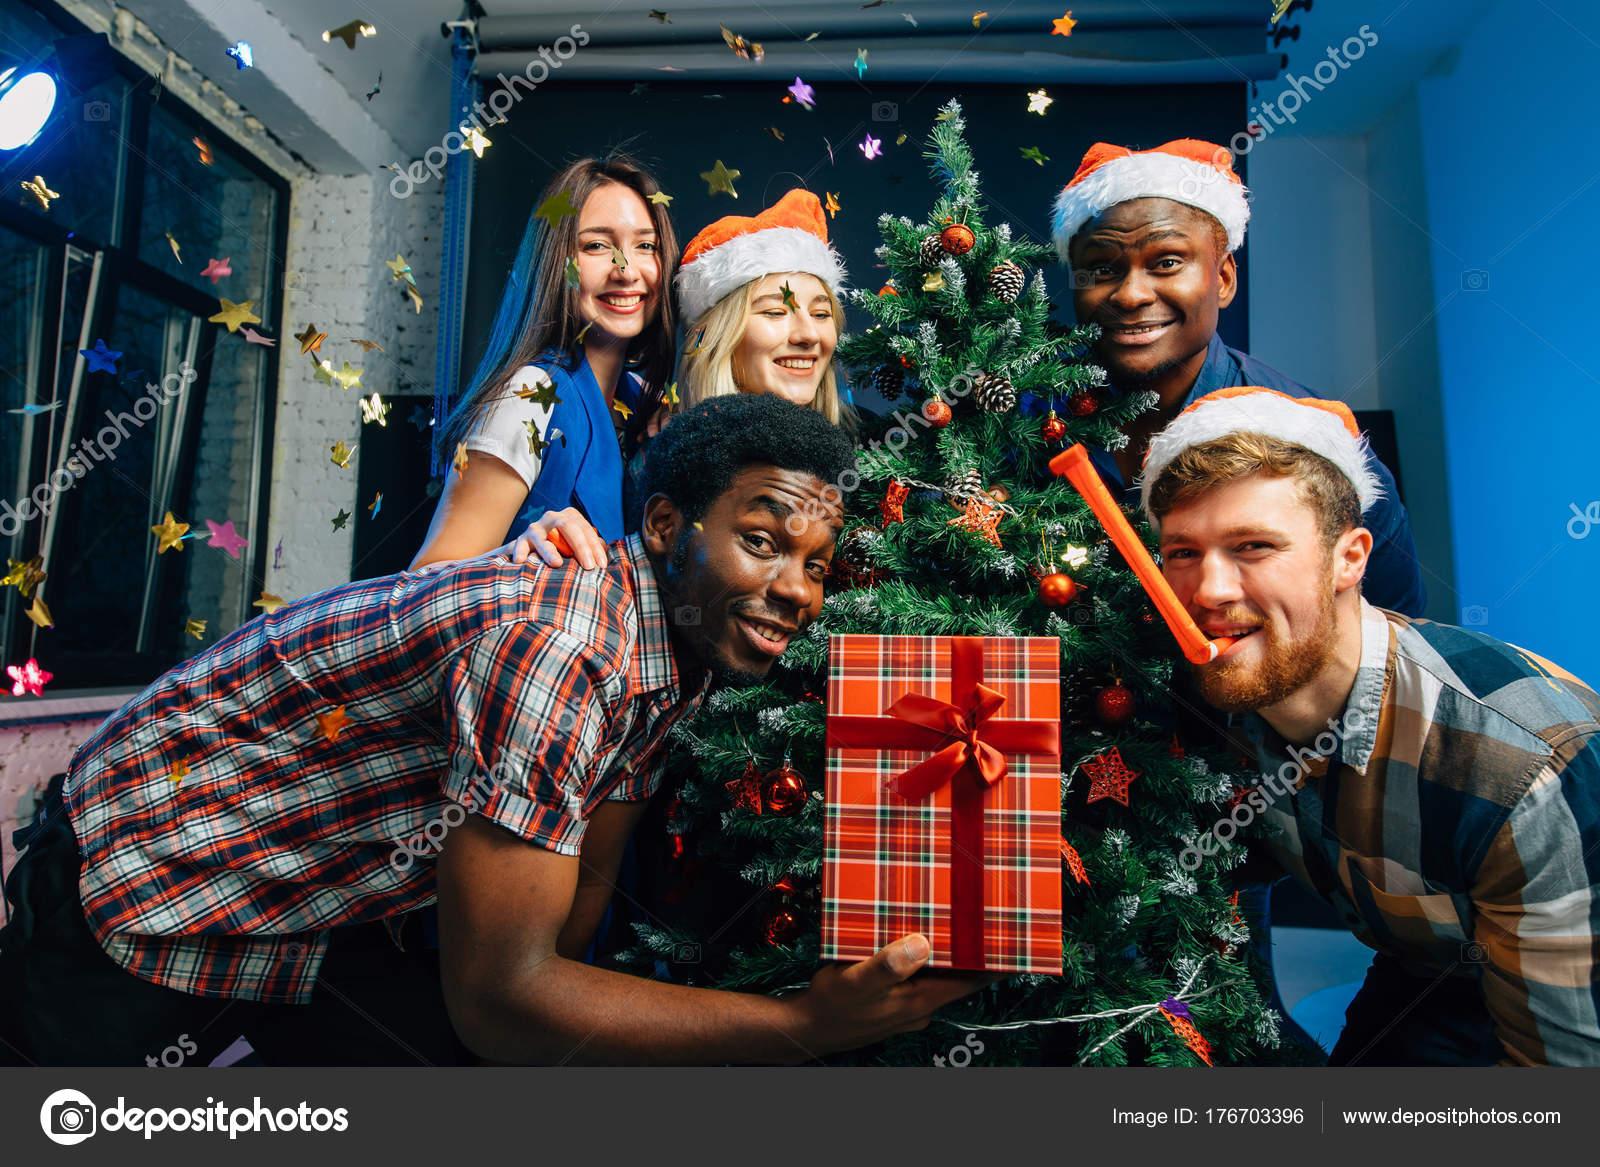 Albero Di Natale Con Foto Amici.Gli Amici Rende Divertente In Vacanza Di Natale Con L Albero